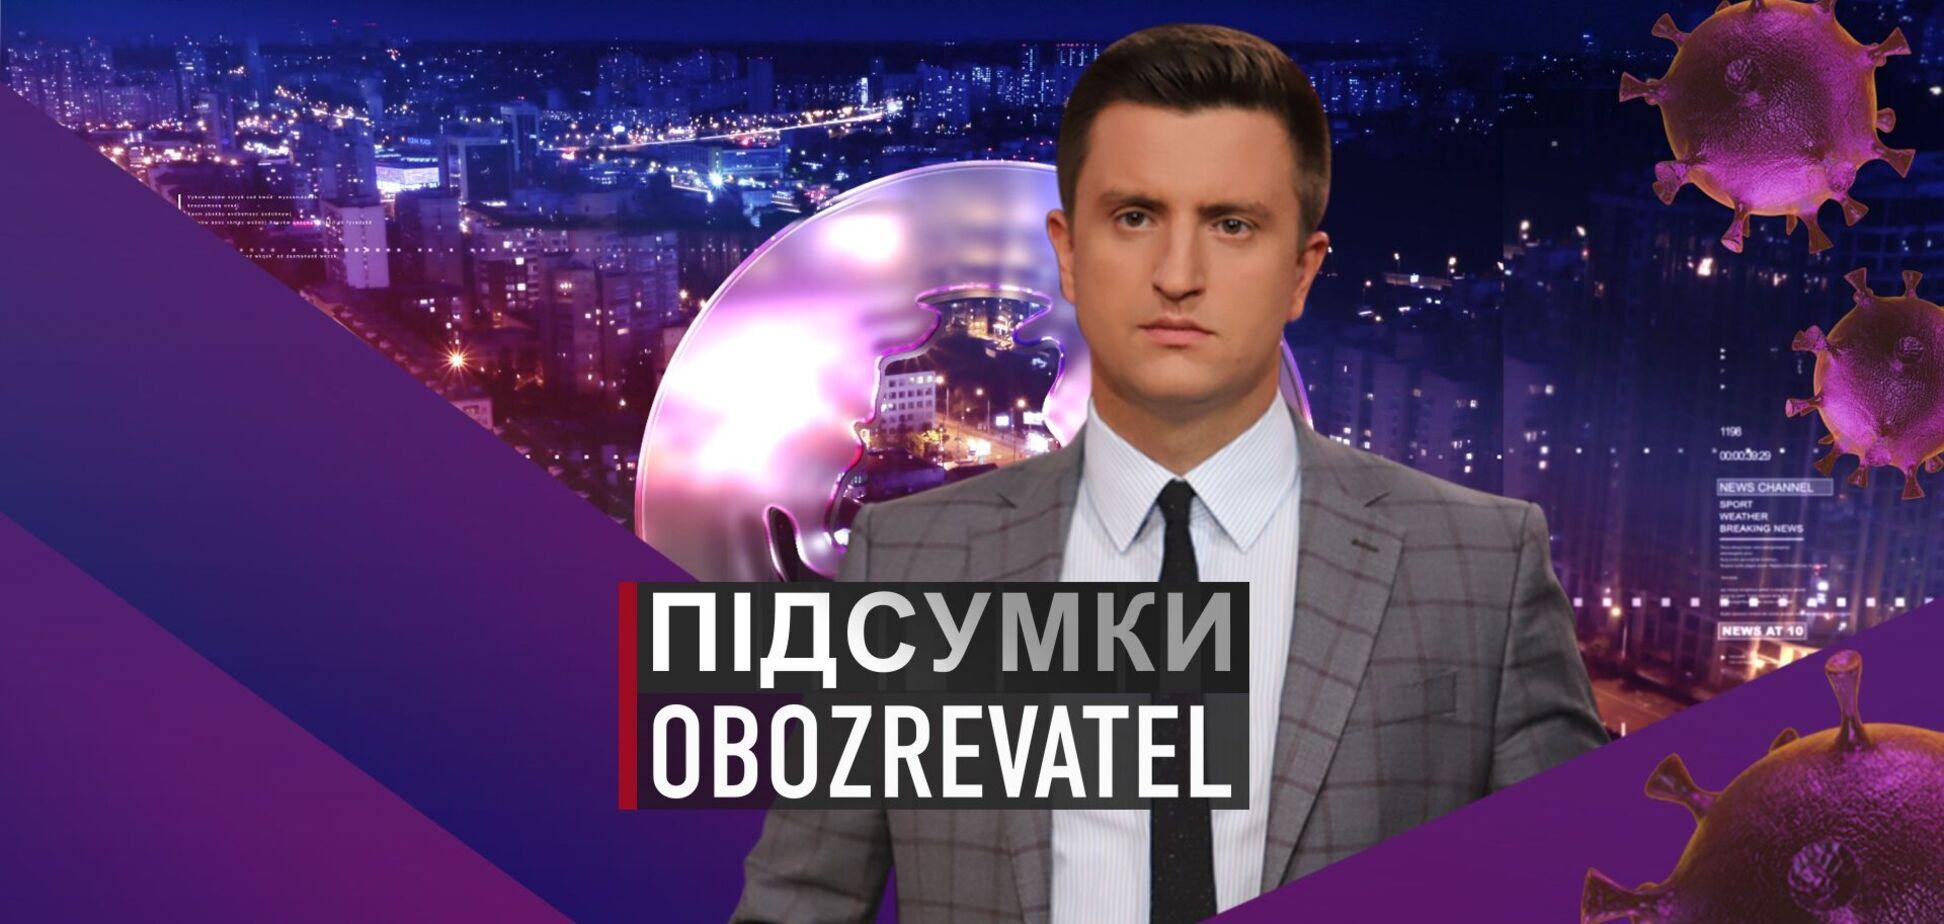 Підсумки з Вадимом Колодійчуком. Вівторок, 1 червня